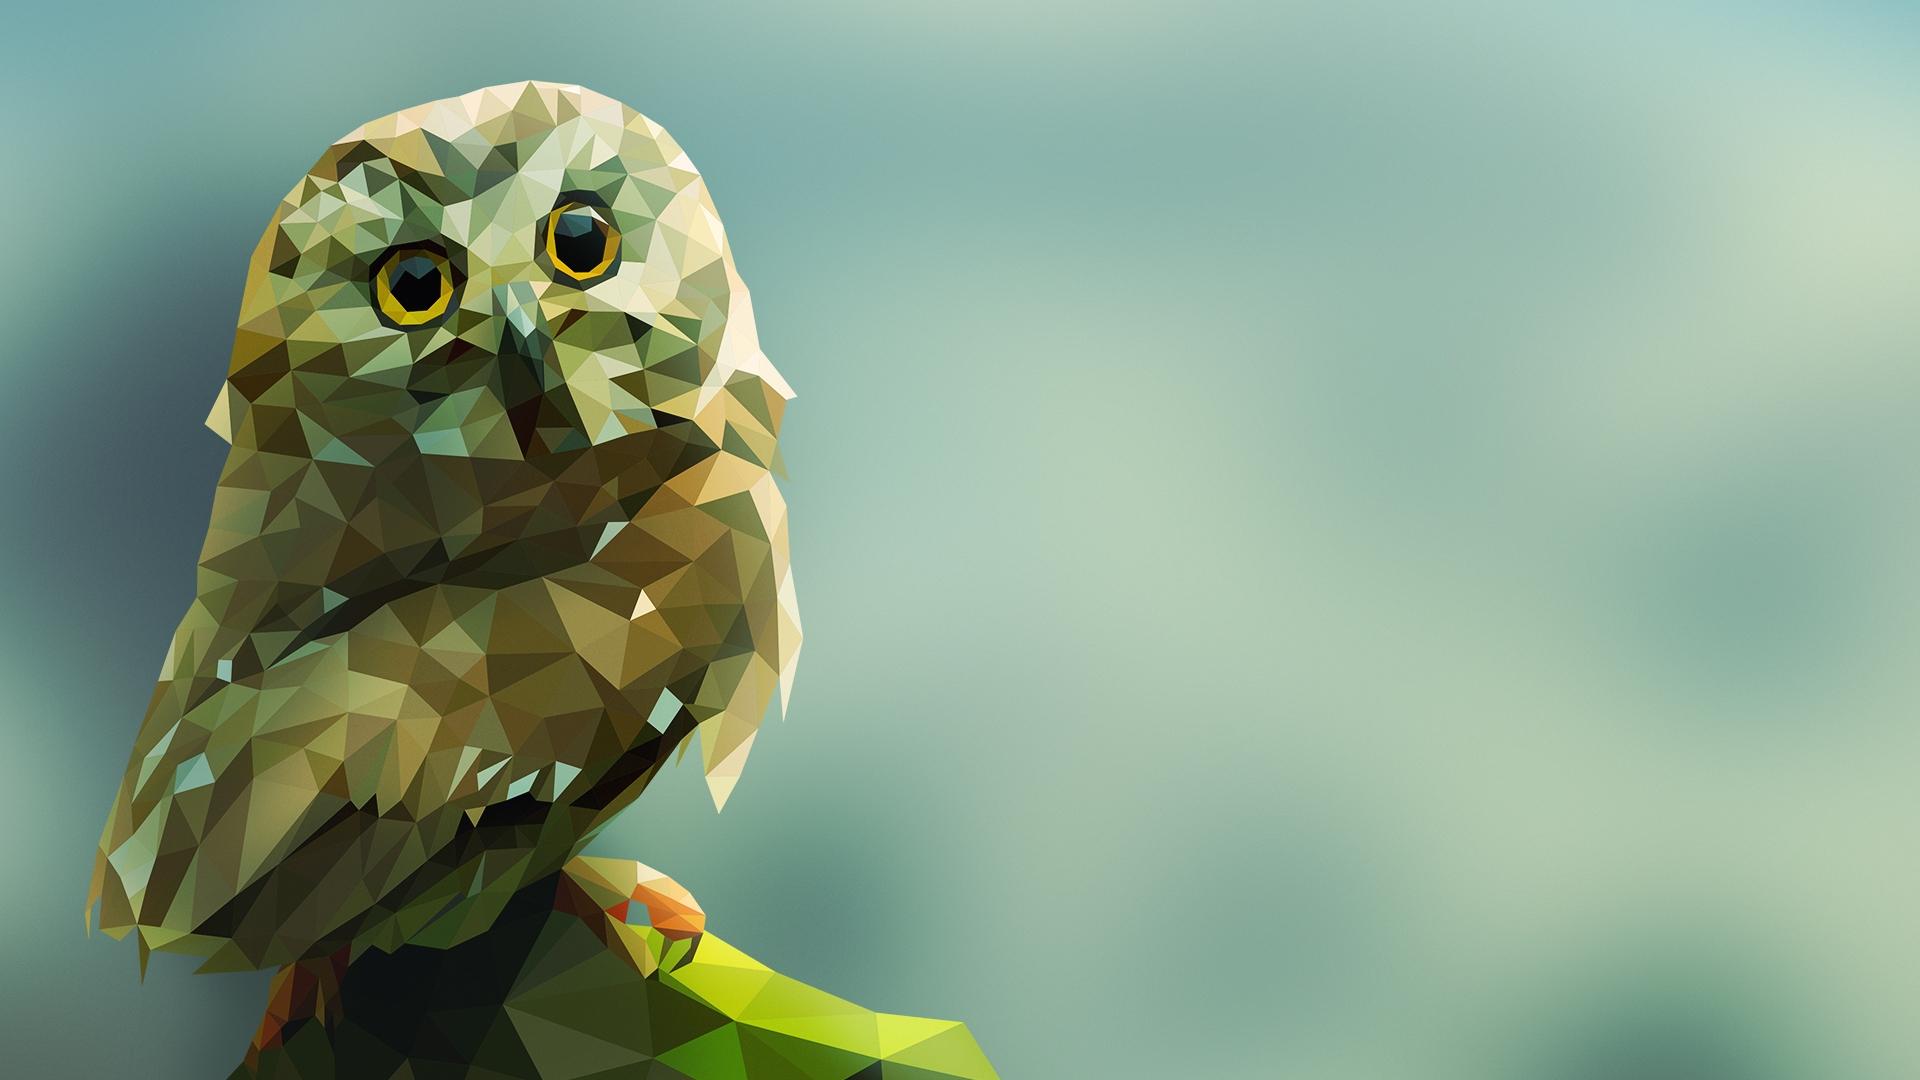 owl art wallpaper 21130 - baltana